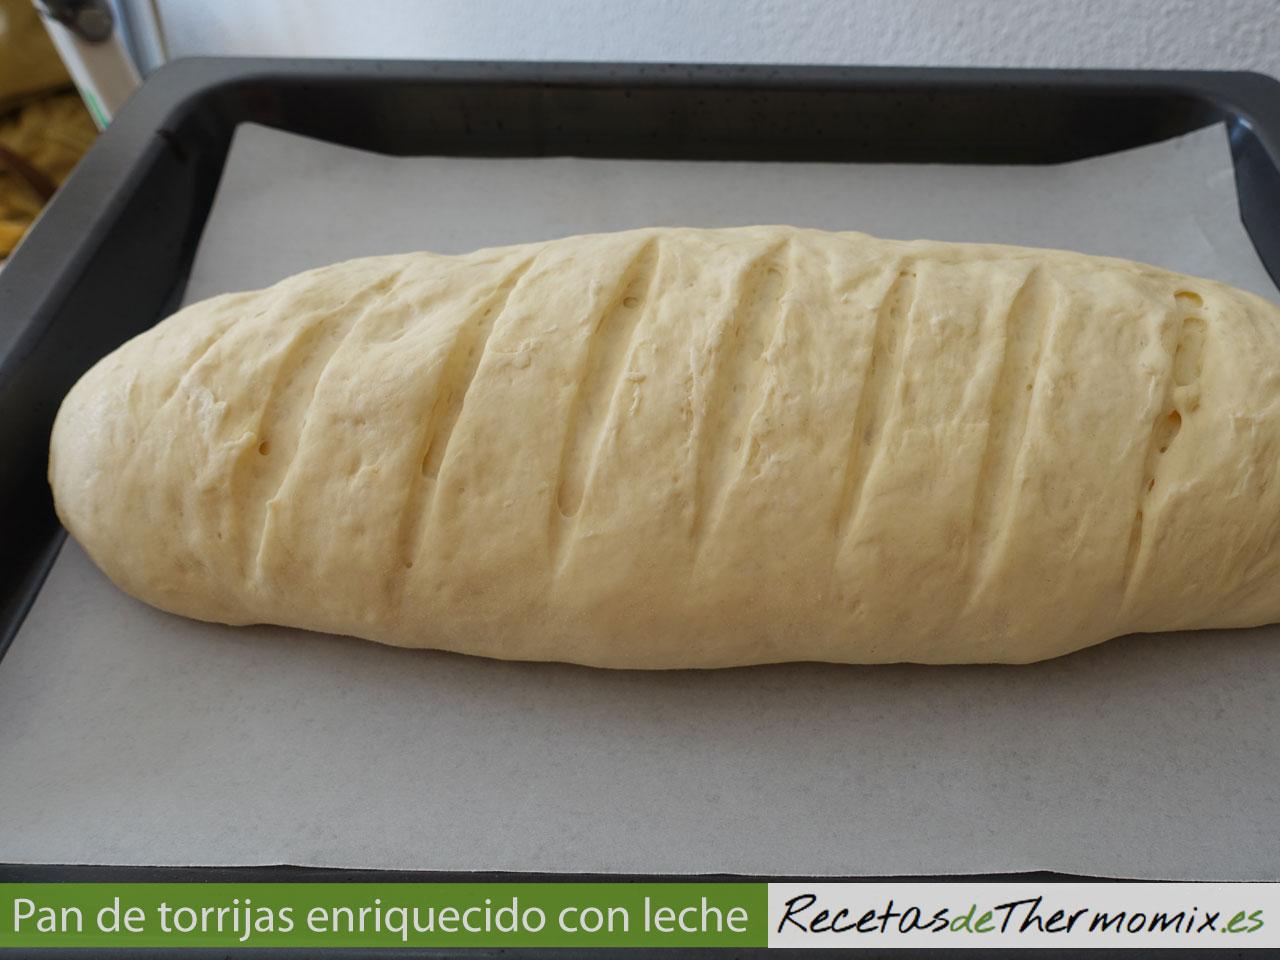 Cómo hacer pan de torrijas enriquecido con leche en Thermomix